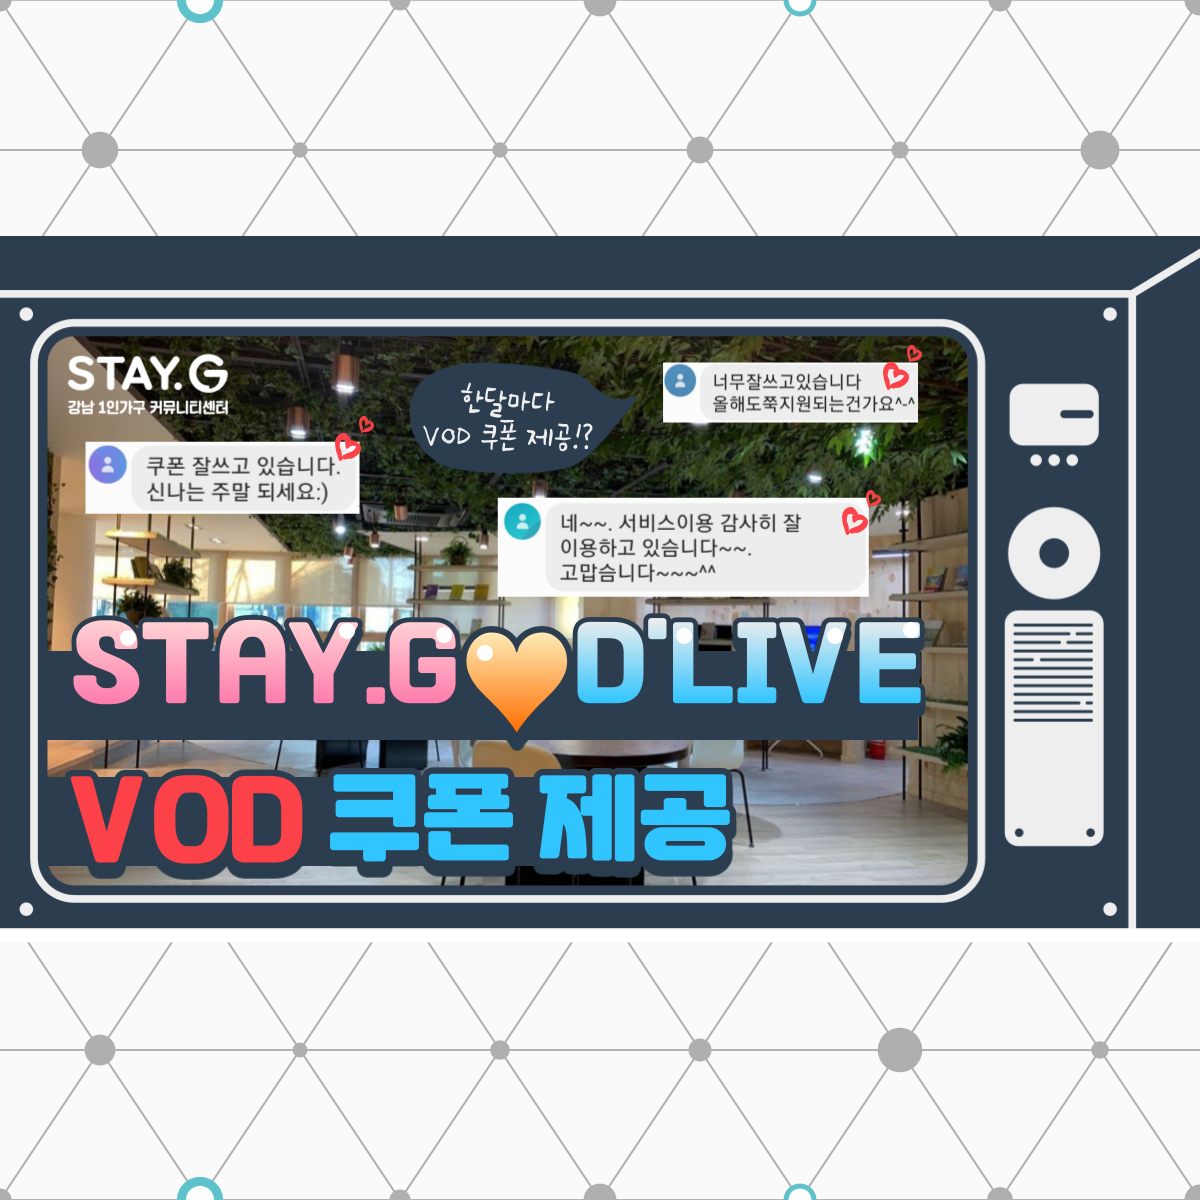 [스마트홈 구축지원&문화예술] 딜라이브 TV안부확인 서비스 & VOD 쿠폰 제공